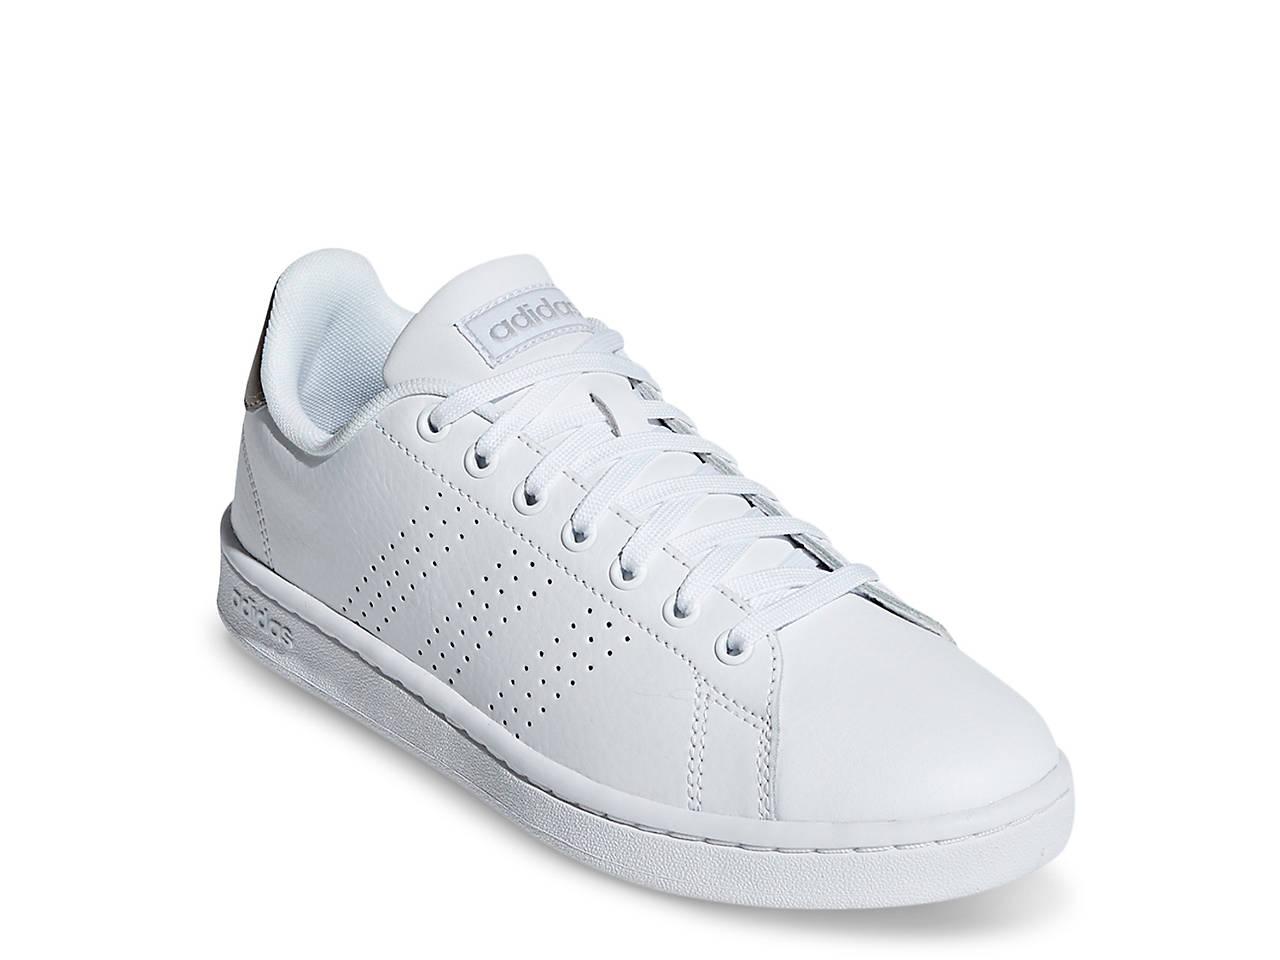 b93e512fed1 adidas Advantage Sneaker - Women's Women's Shoes | DSW